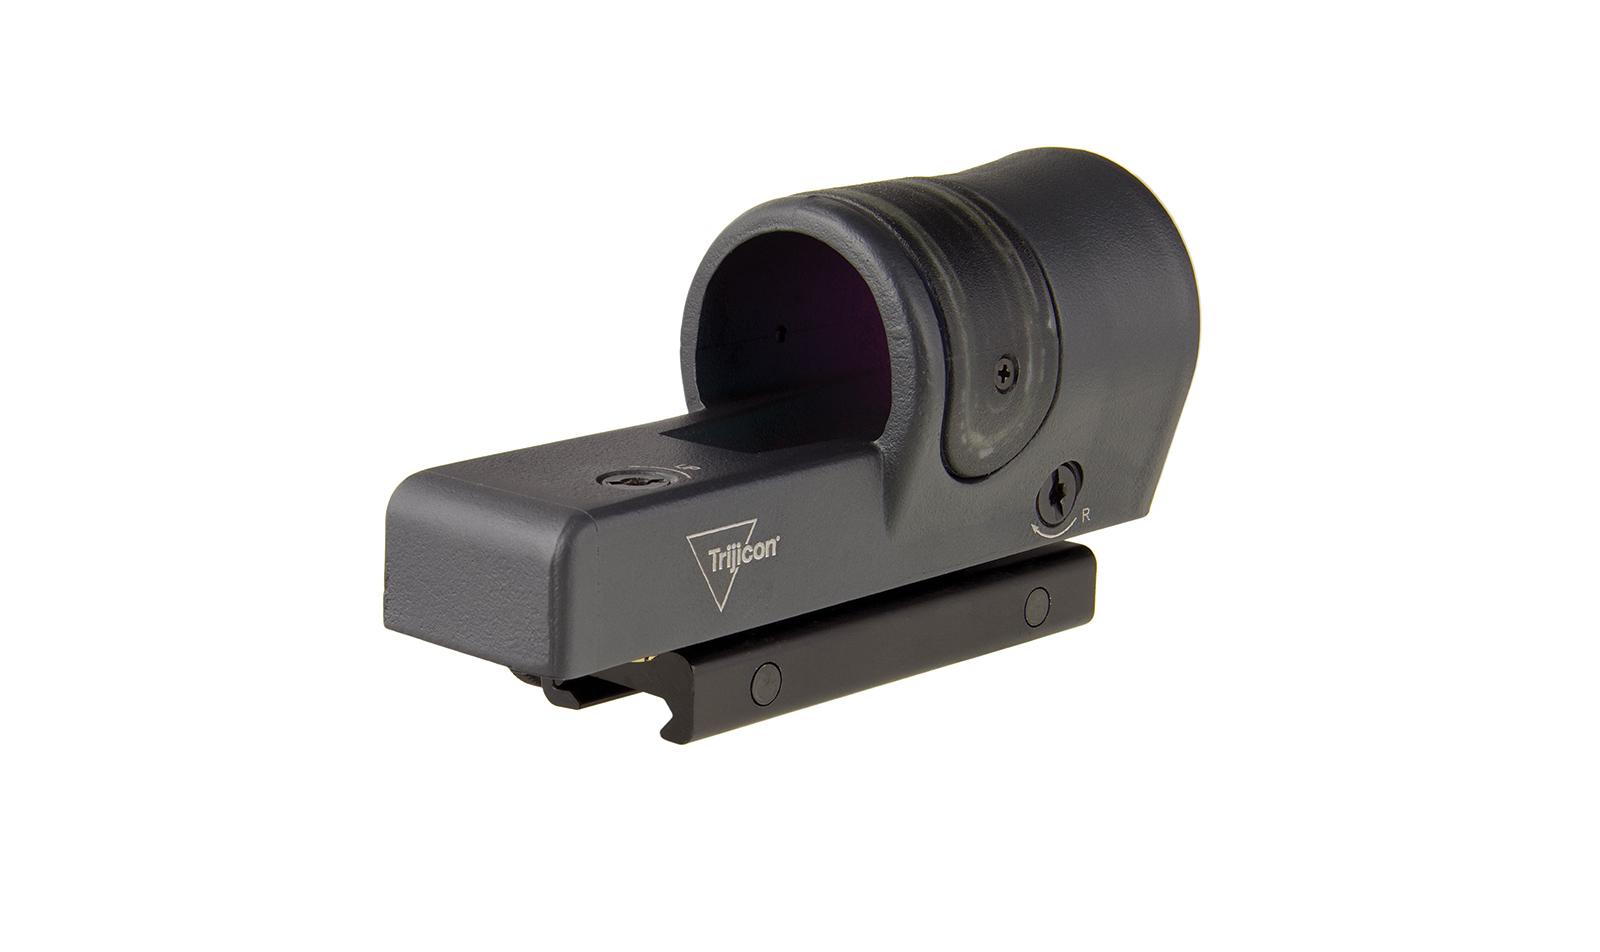 RX30-C-800089 angle 5